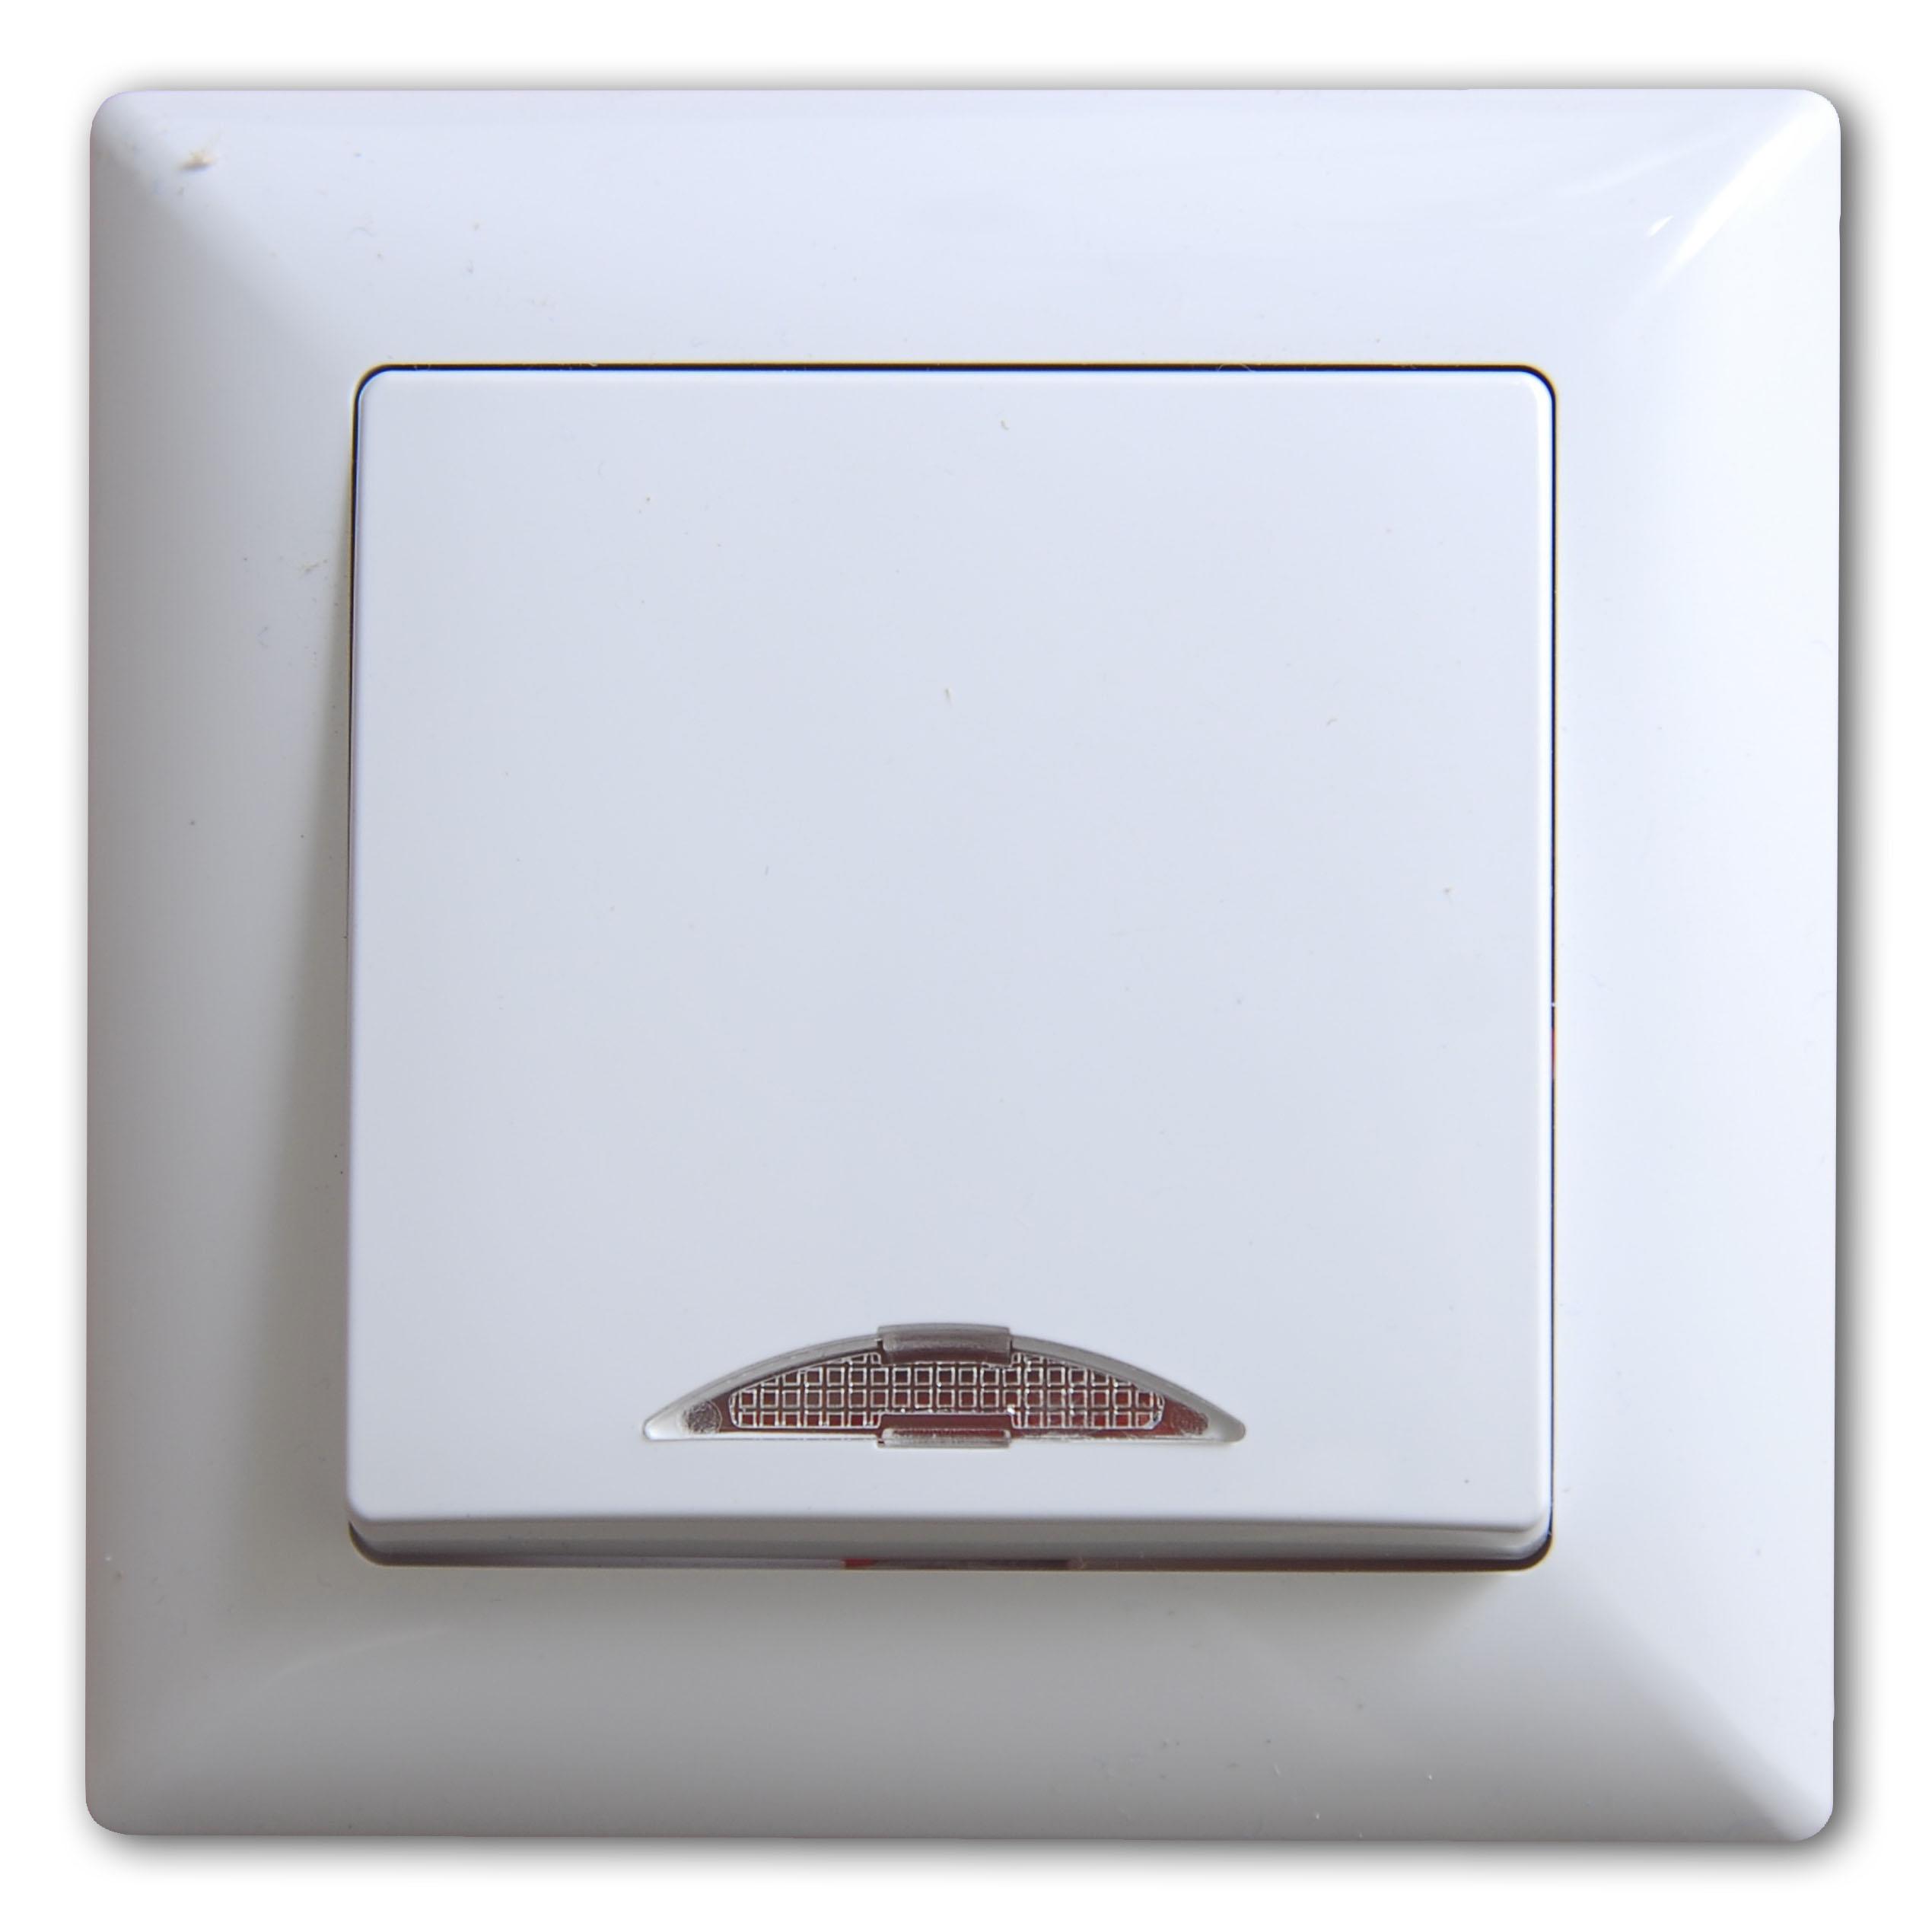 Beleuchtung Schalter | Visage Schalter Ein Ausschalter Mit Beleuchtung Weiss